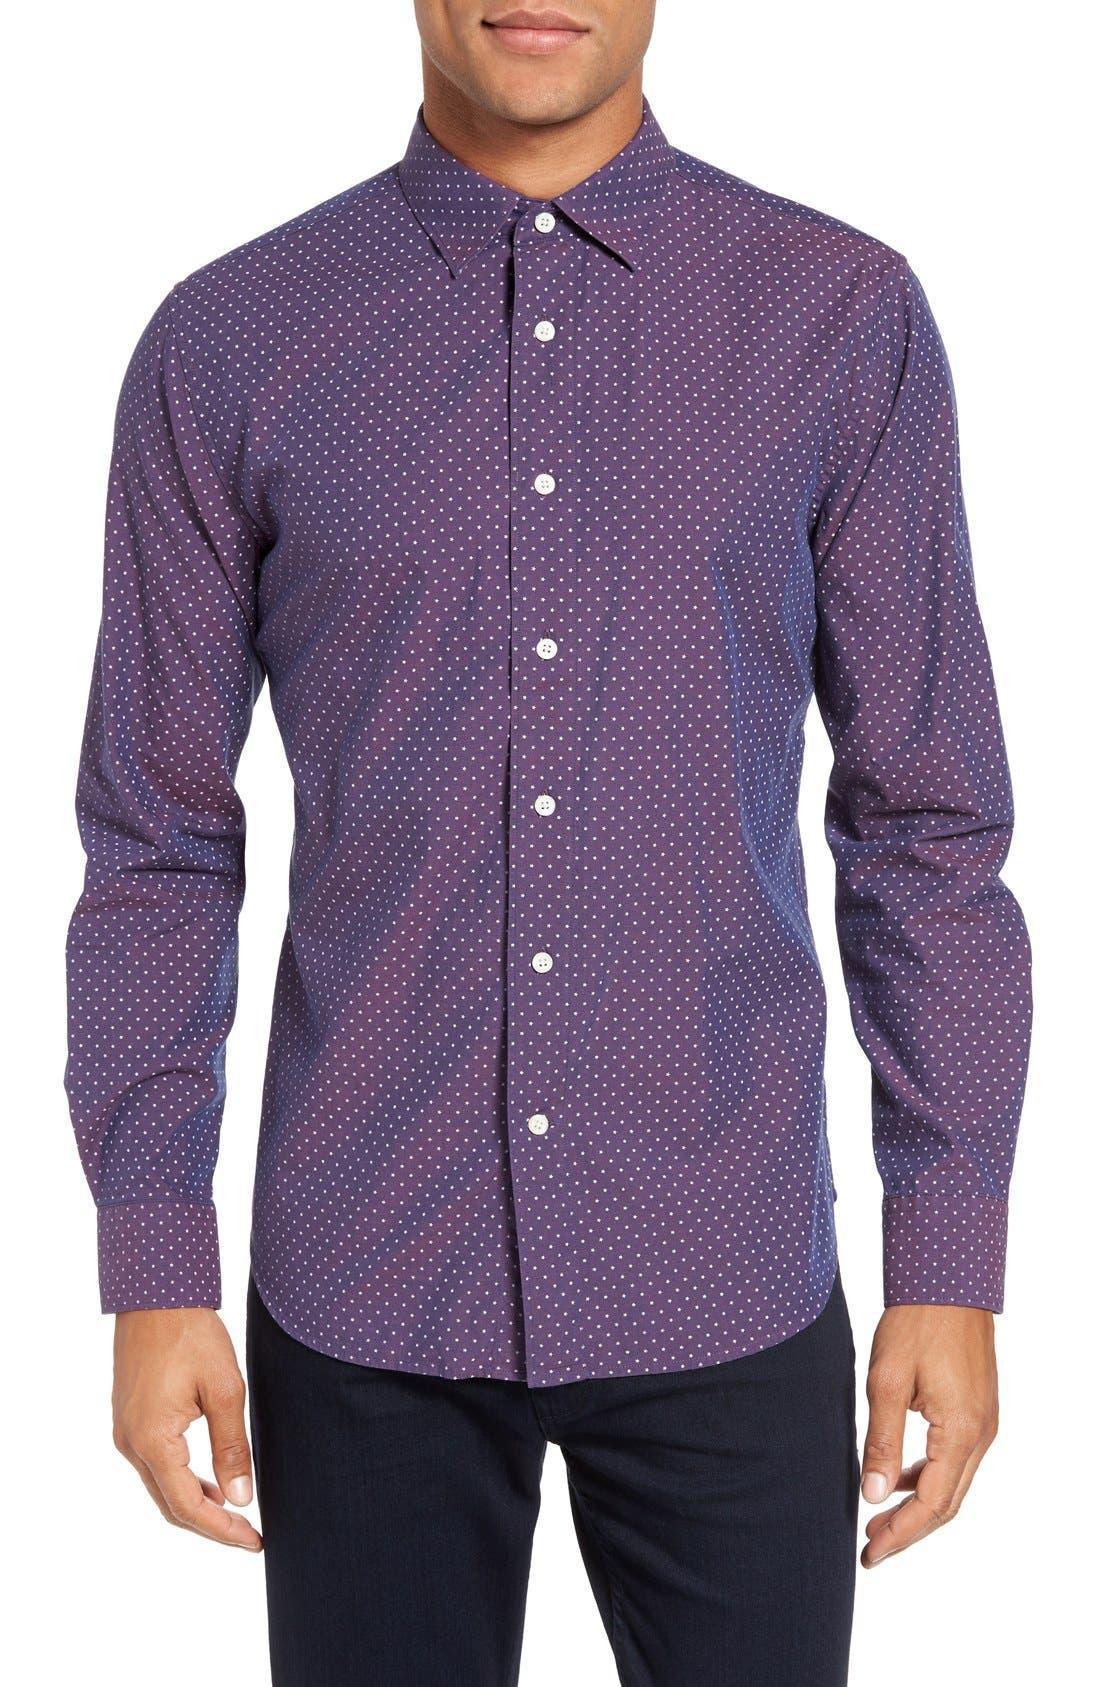 Main Image - Slate & Stone Slim Fit Star Print Sport Shirt